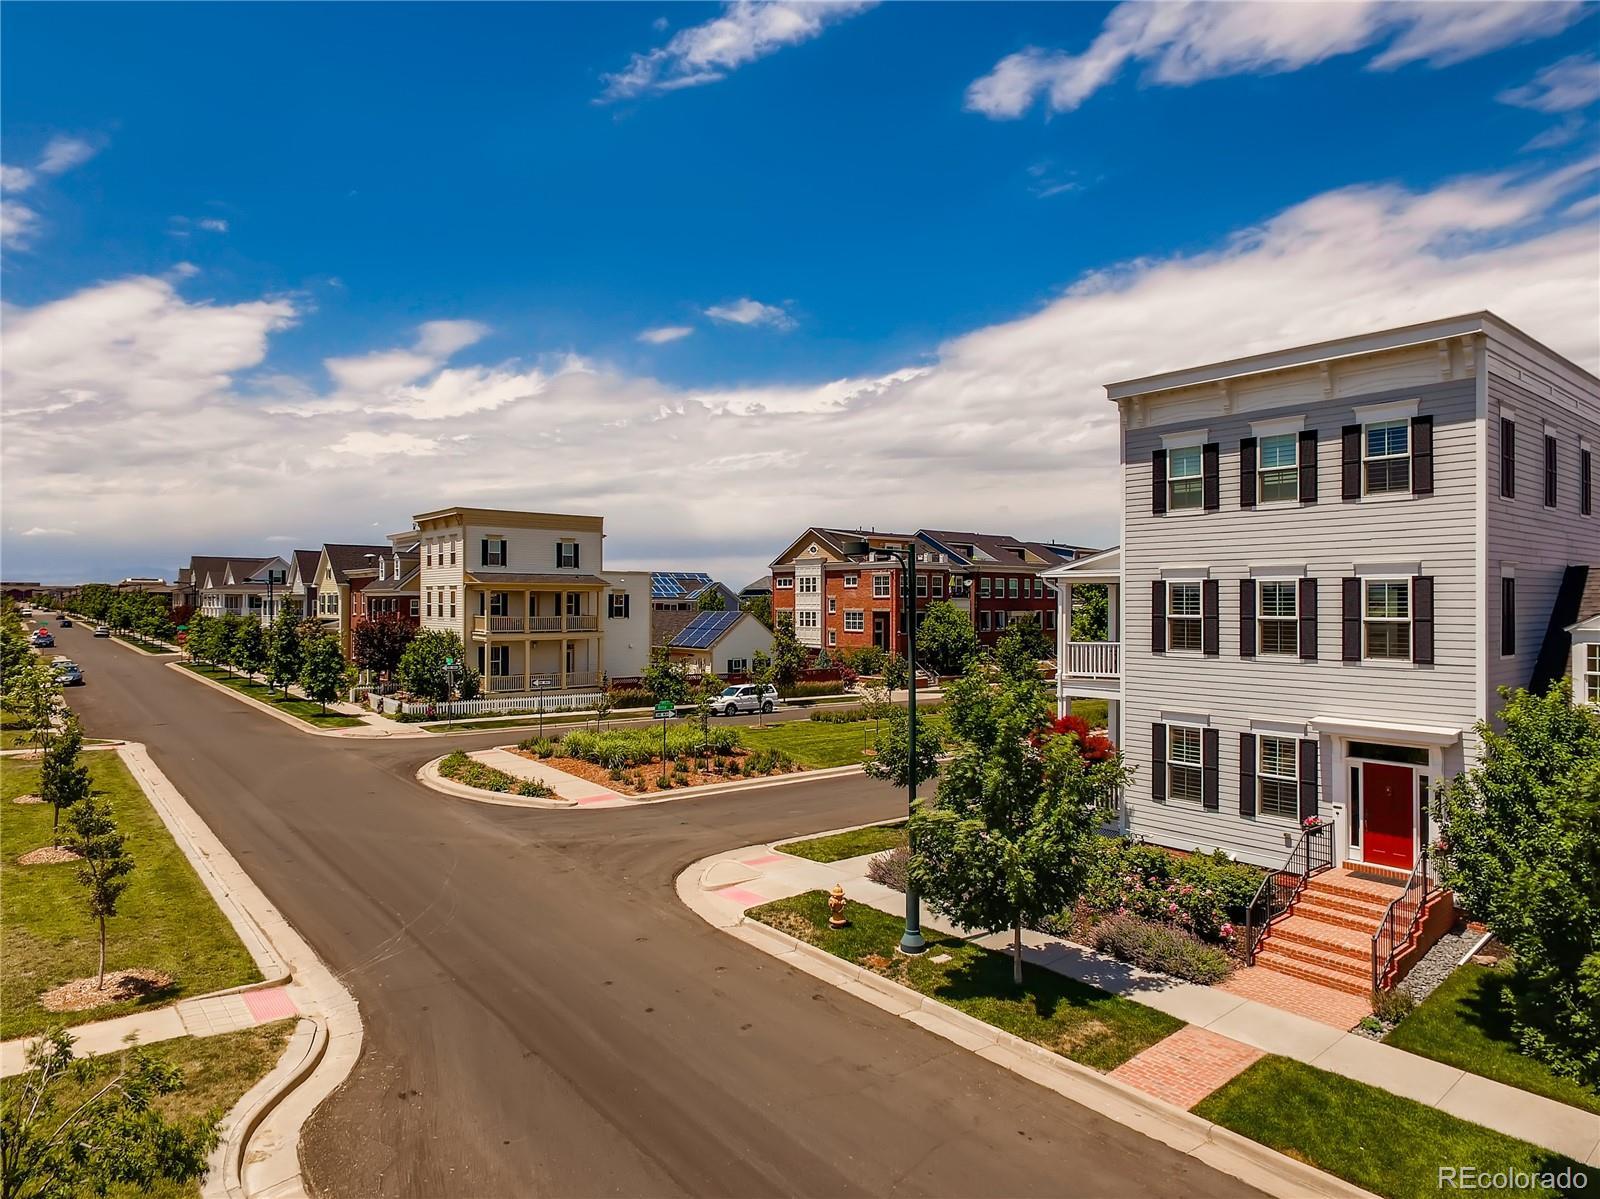 MLS# 6973622 - 7 - 3302 Xenia Street, Denver, CO 80238